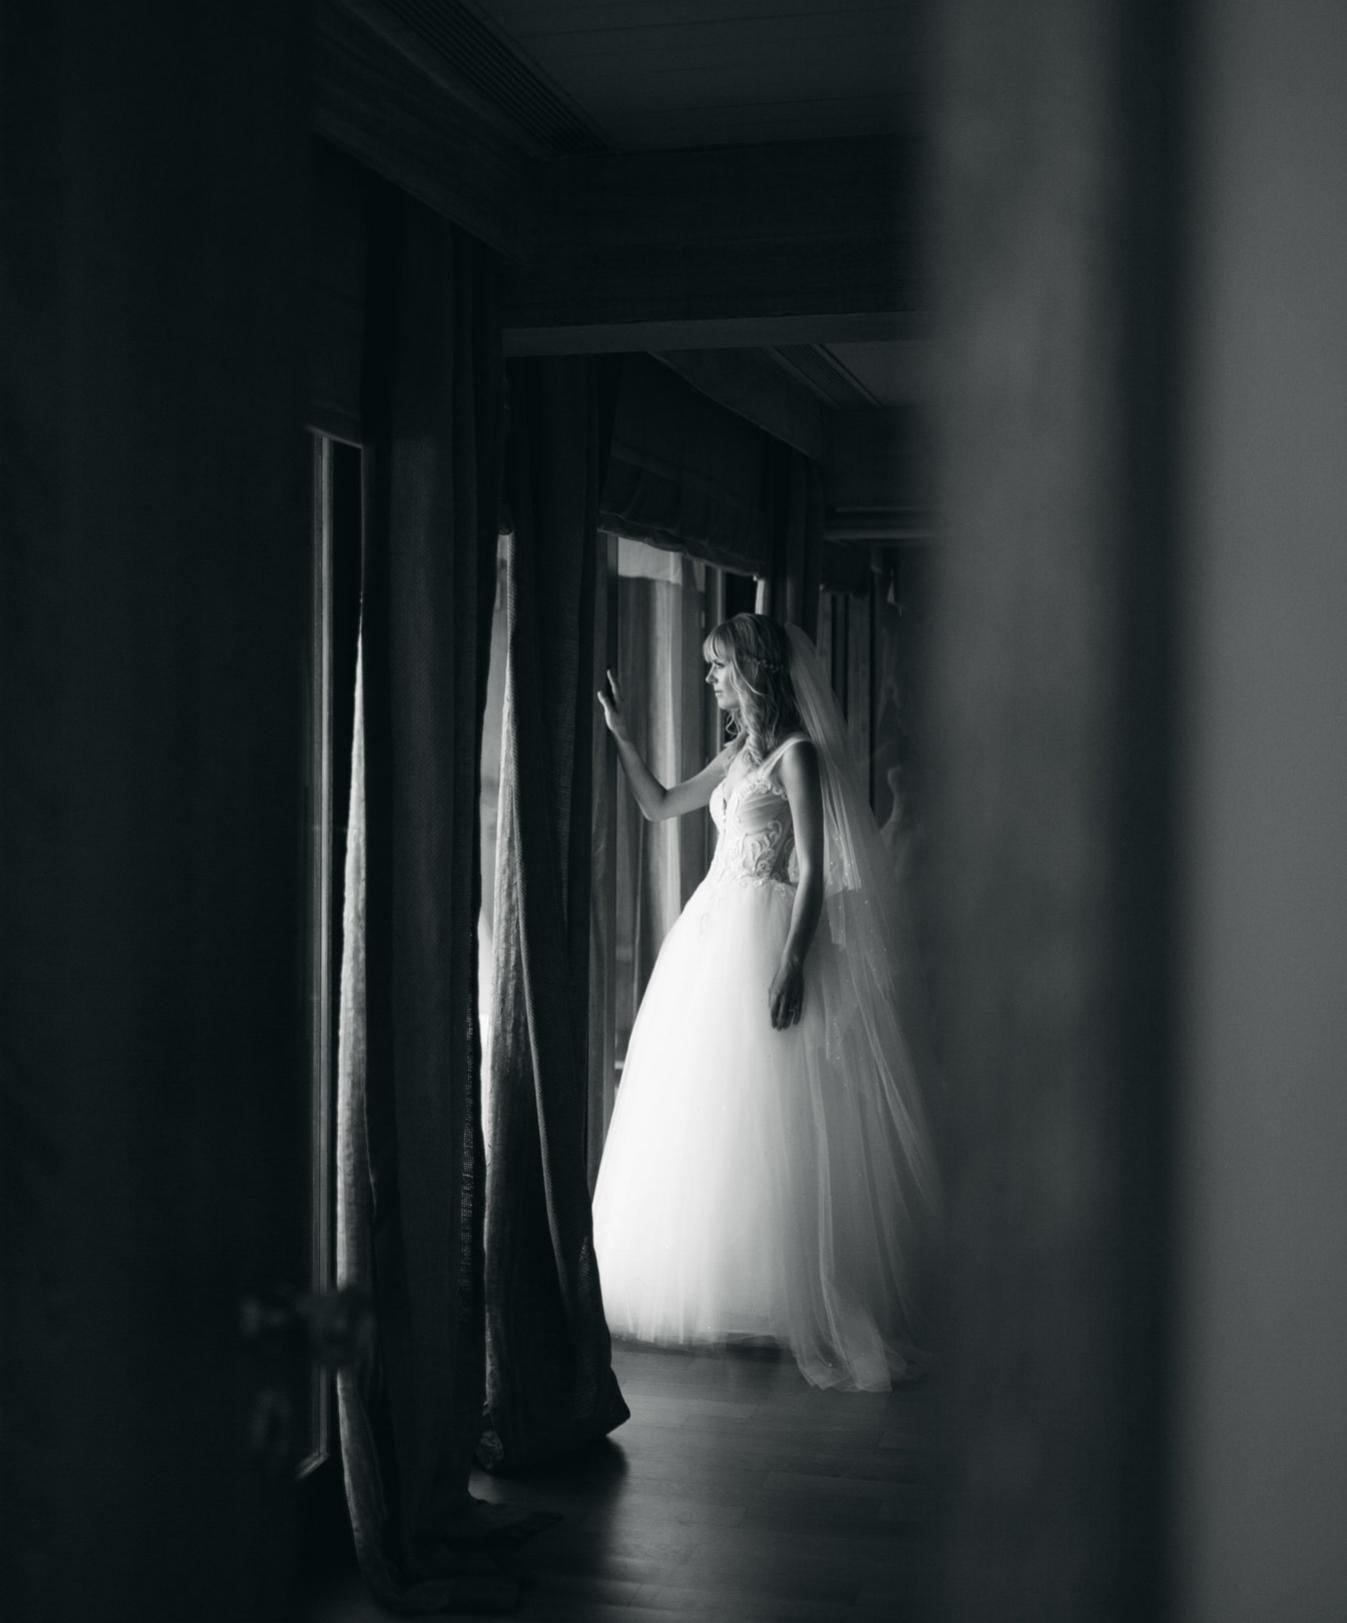 Wedtime_Stories_-_Nikolaos__Stefanie_-_Bride_Preparation-241.jpg